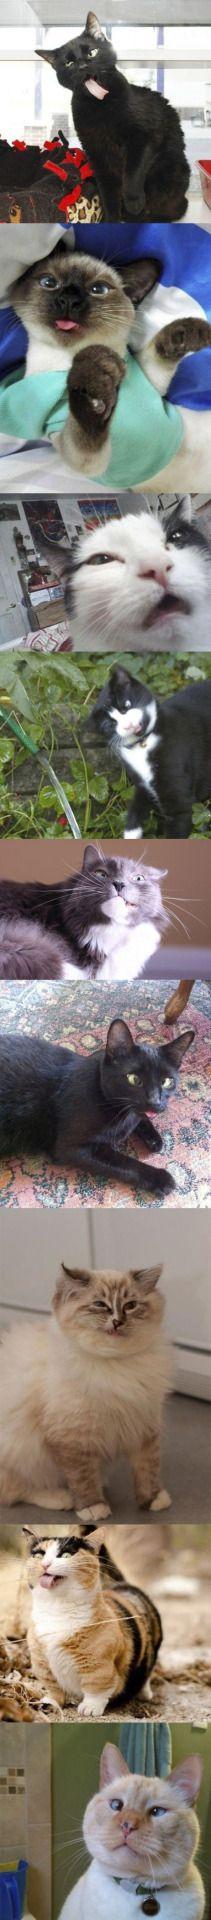 Funny kitty cats